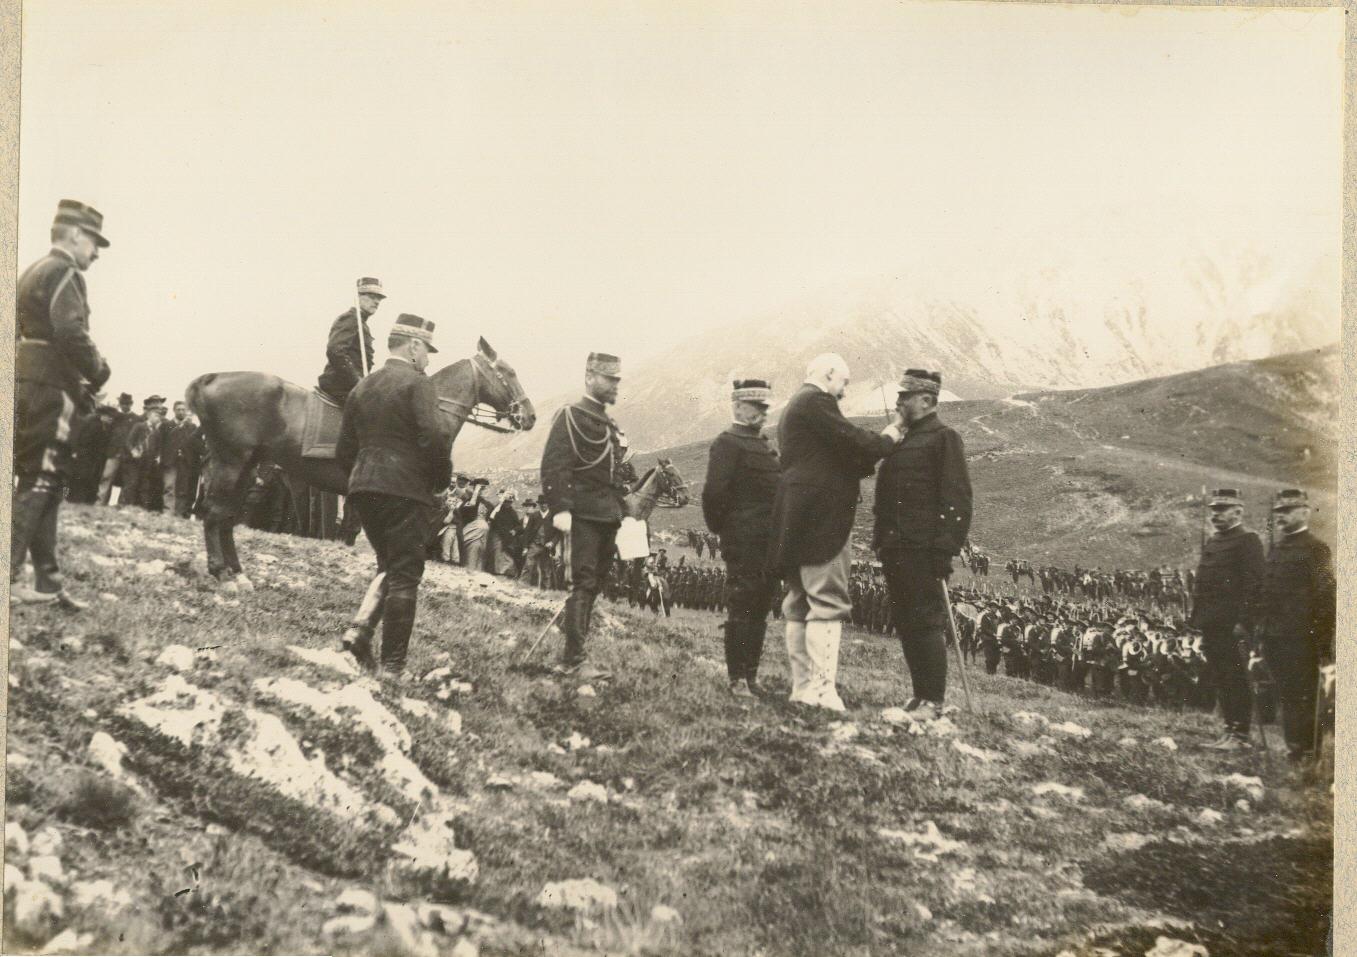 Президент Фор награждает генерала Гюстава Зеде орденом Почетного легиона